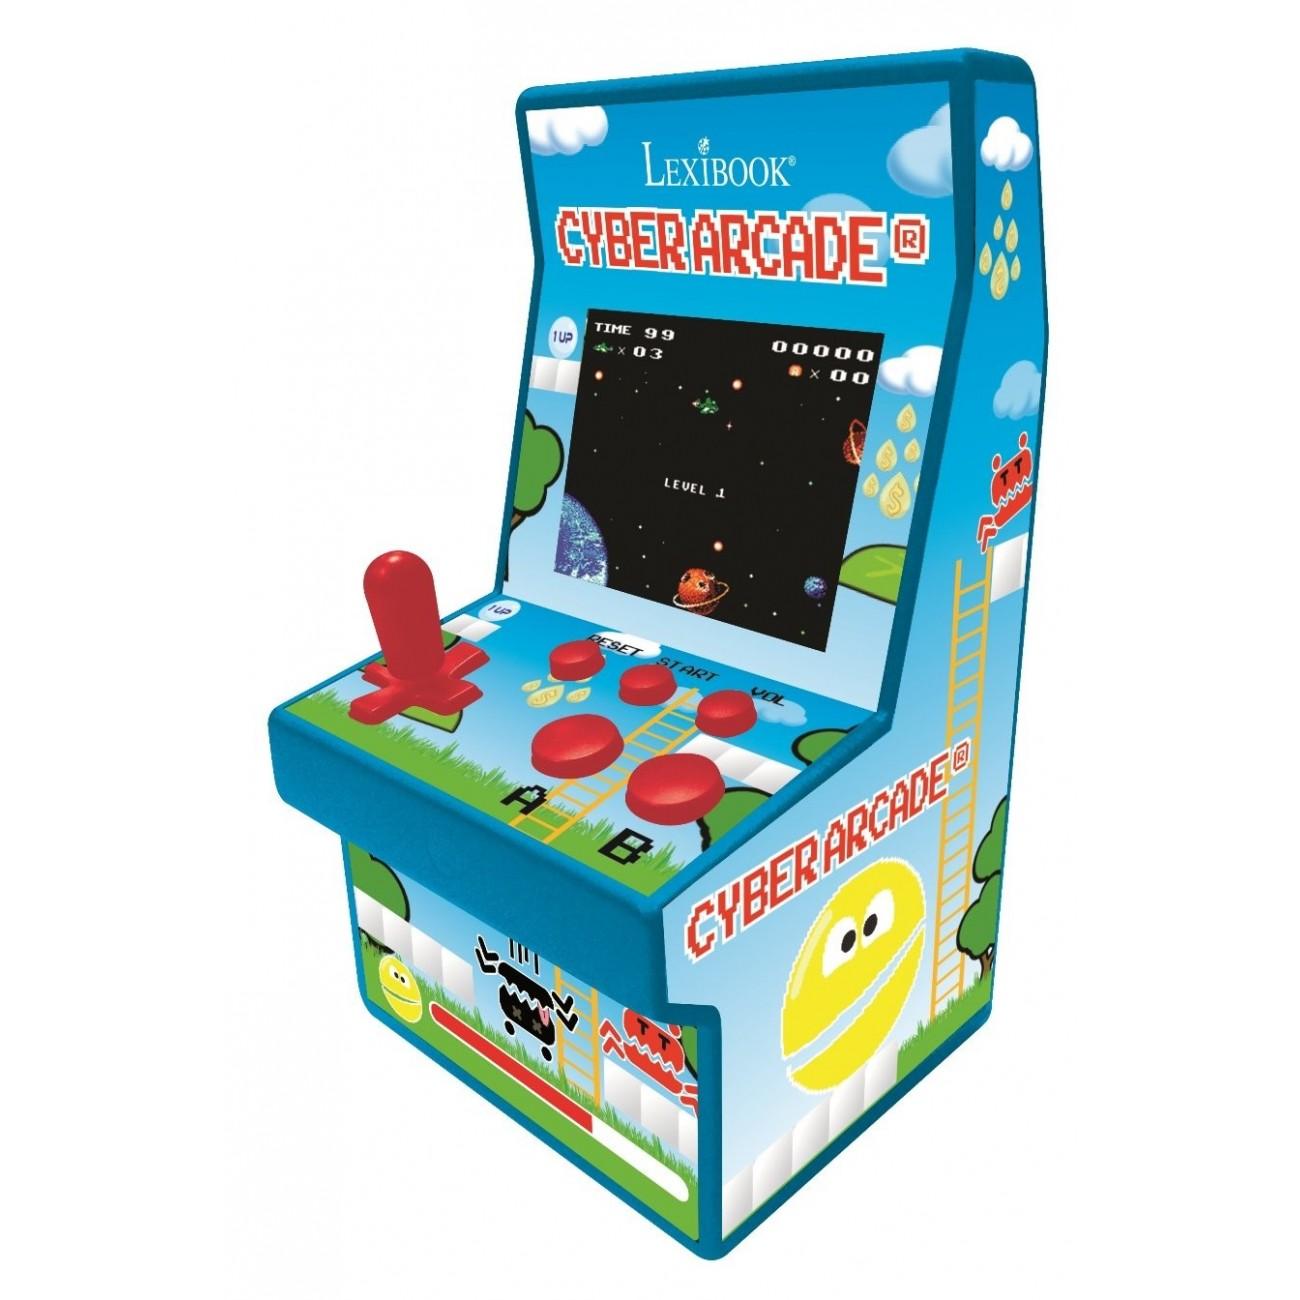 LEXIBOOK JL2940 Lexibook - Consola Cyber Arcade, 200 Juegos